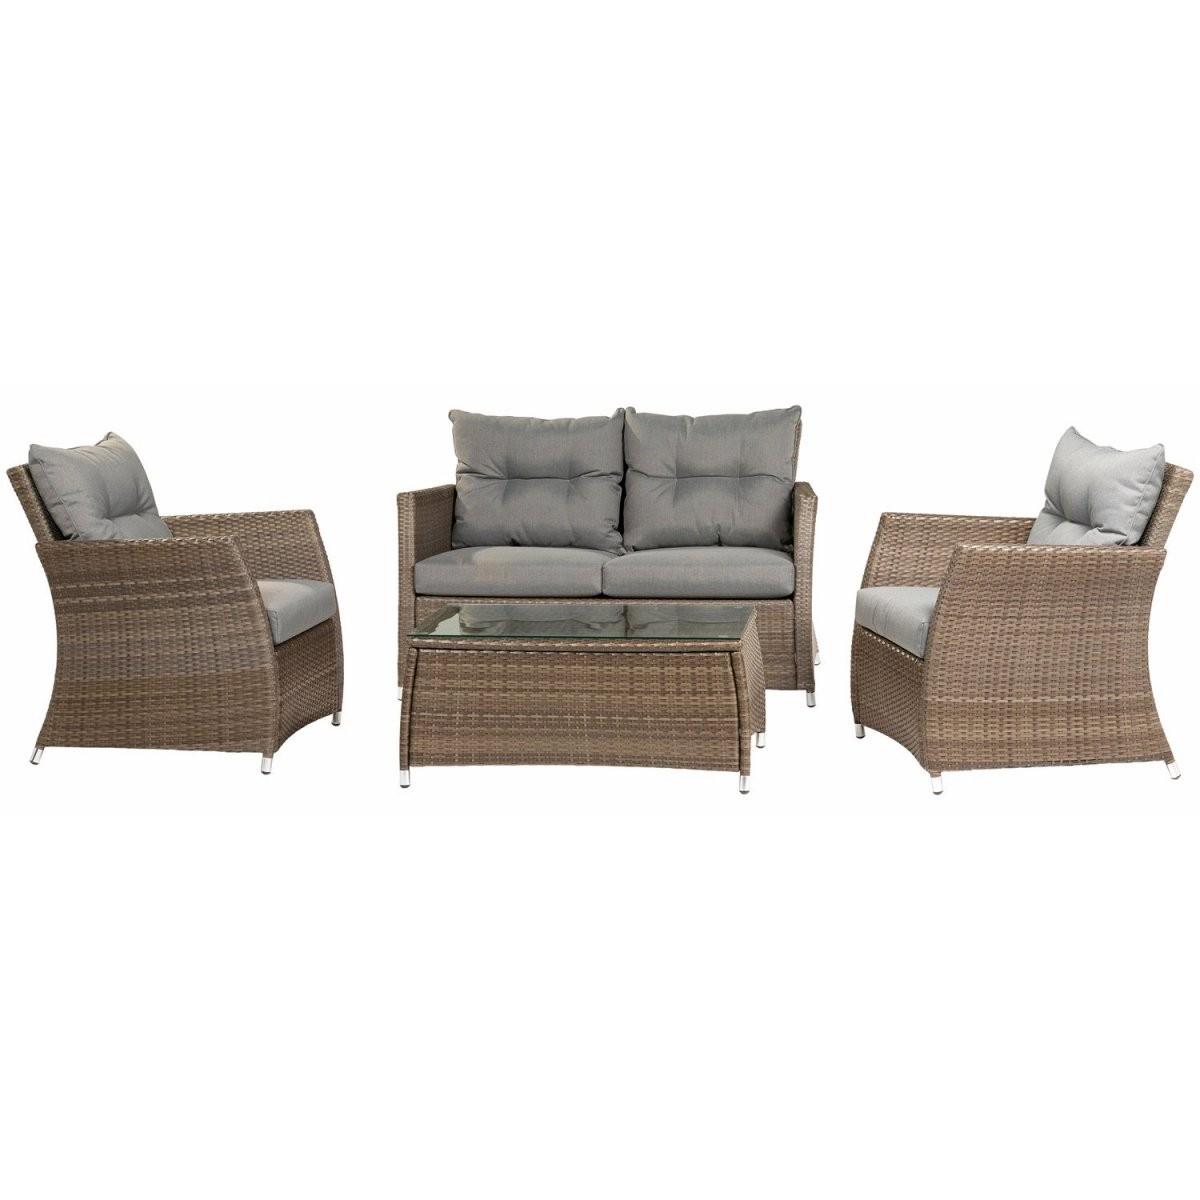 Gartenmöbelsets Online Kaufen Bei Obi von Gartenmöbel Set Rattan Obi Bild